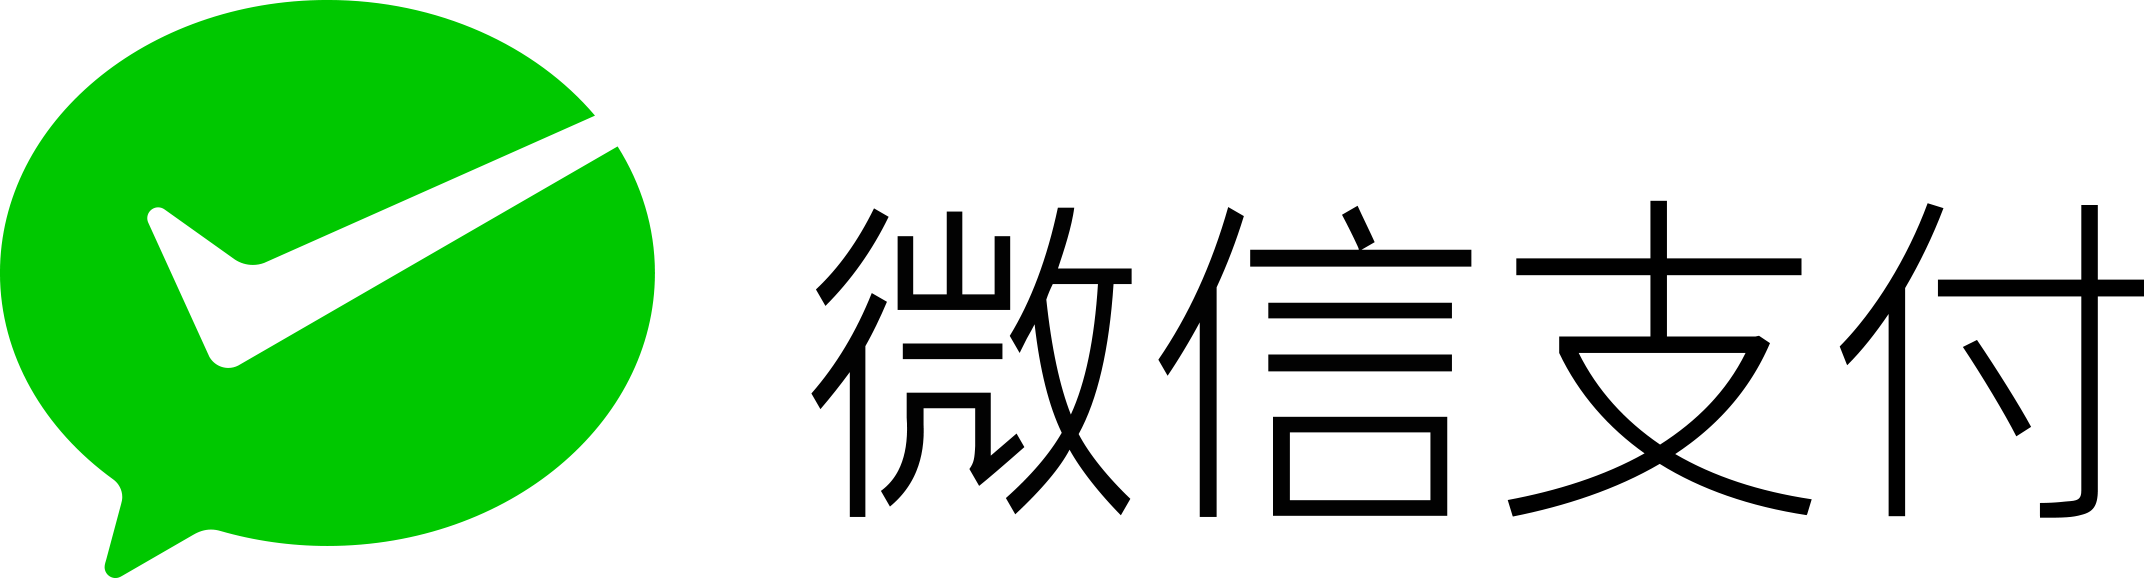 微信支付logo(中文彩)